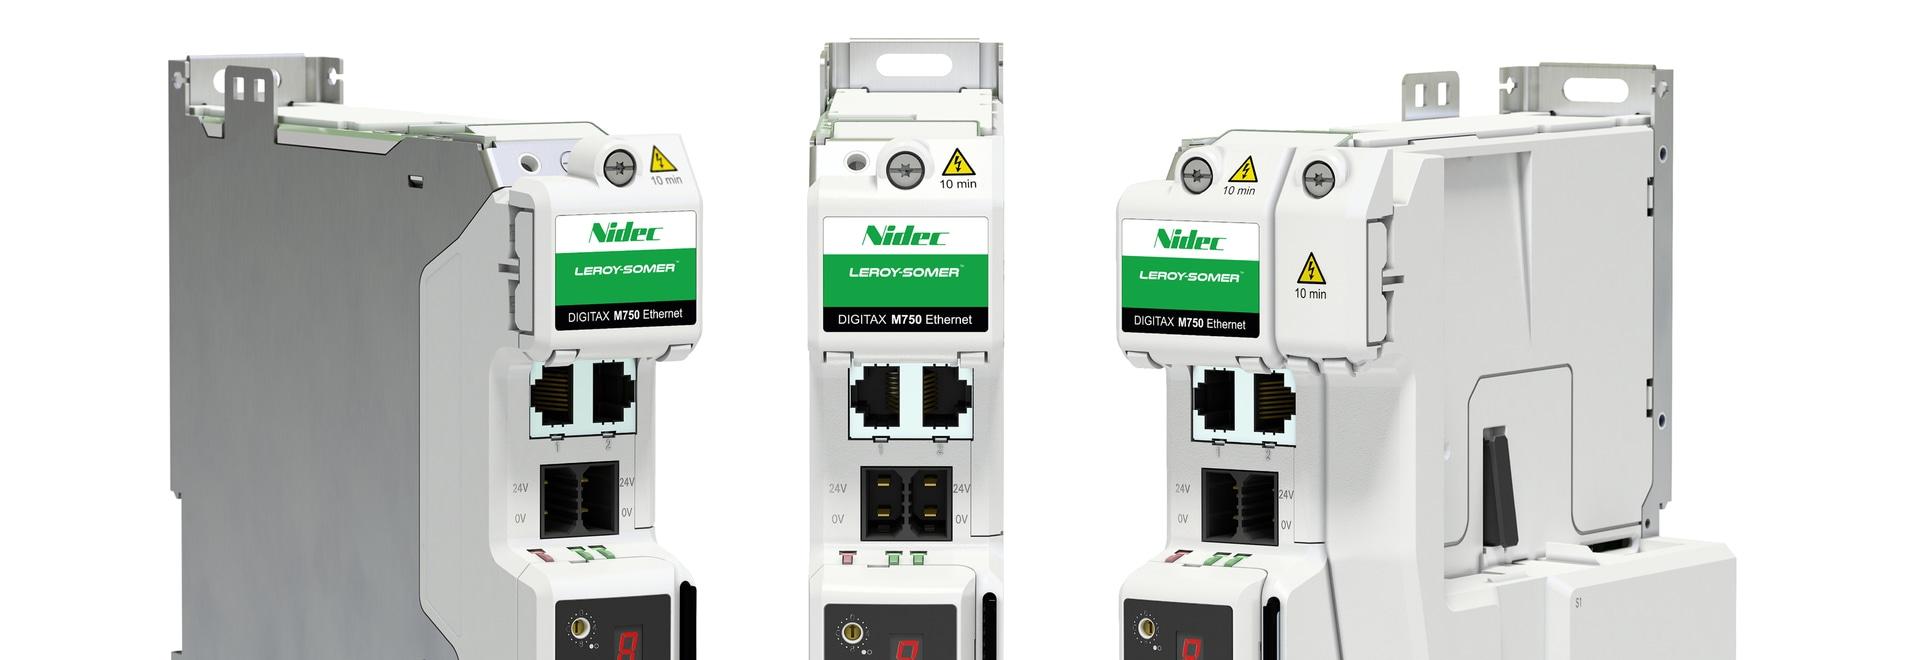 Le nouveau servovariateur Digitax HD M750 de Nidec Leroy-Somer élargit les possibilités de contrôle des réseaux Ethernet